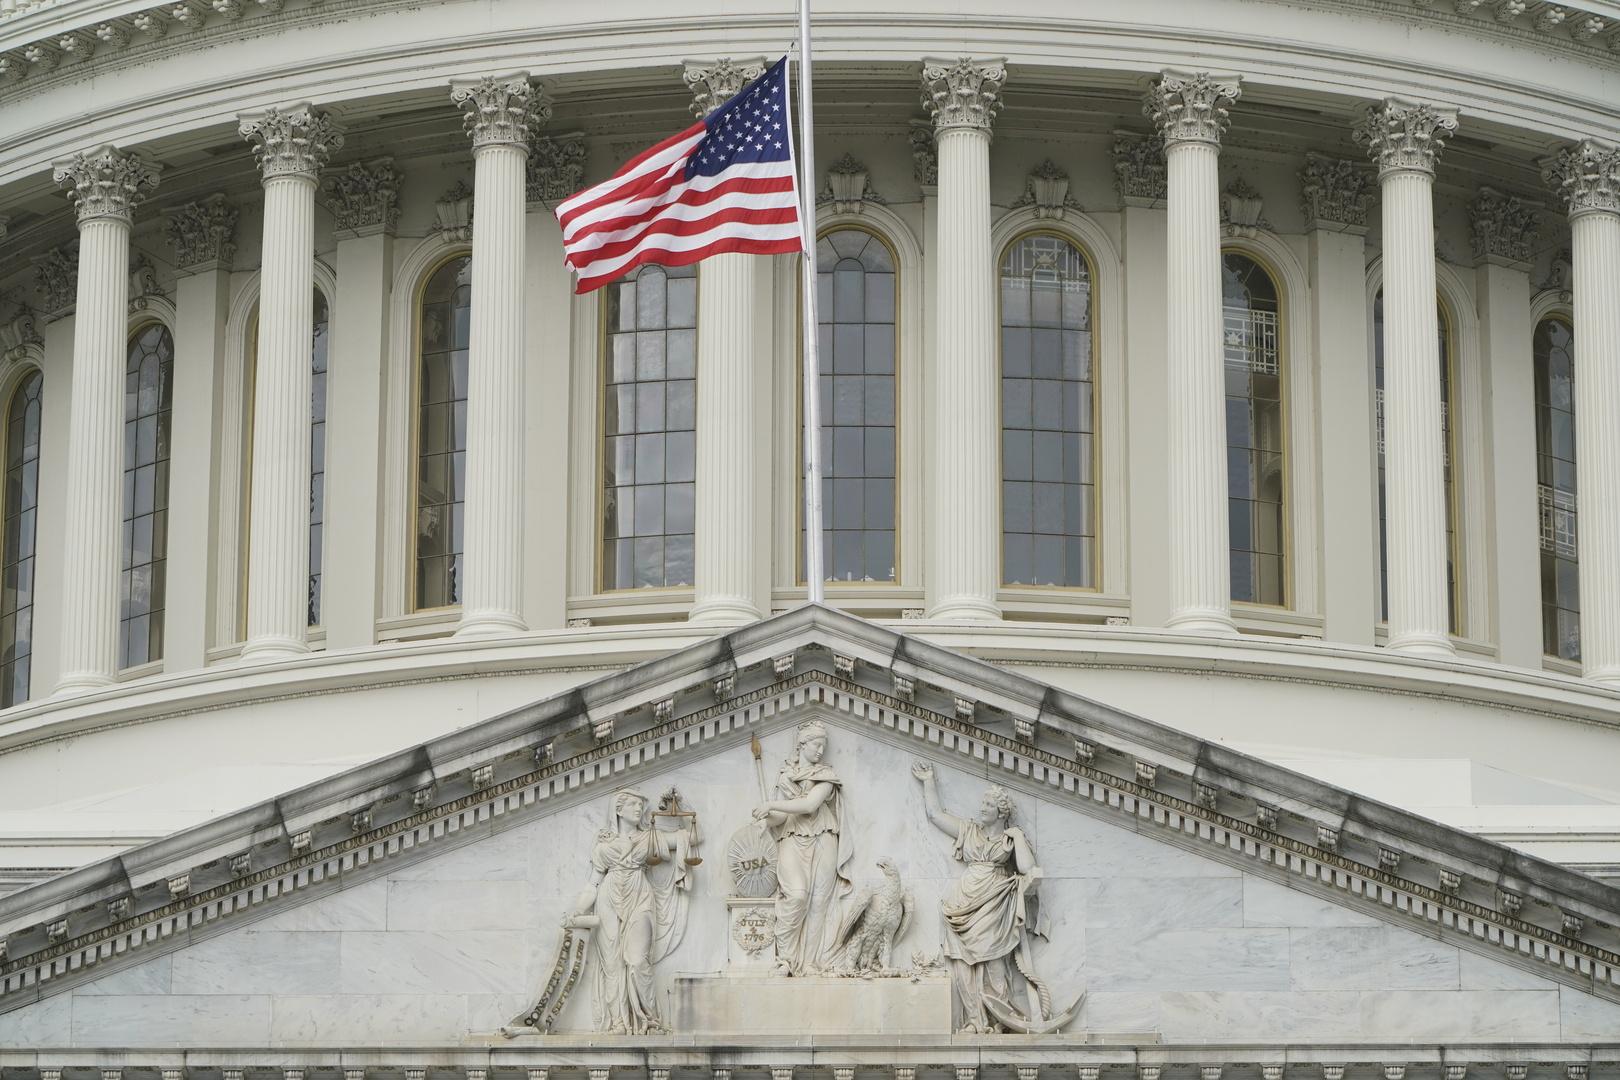 علم الولايات المتحدة الأمريكية على مبنى الكونغرس